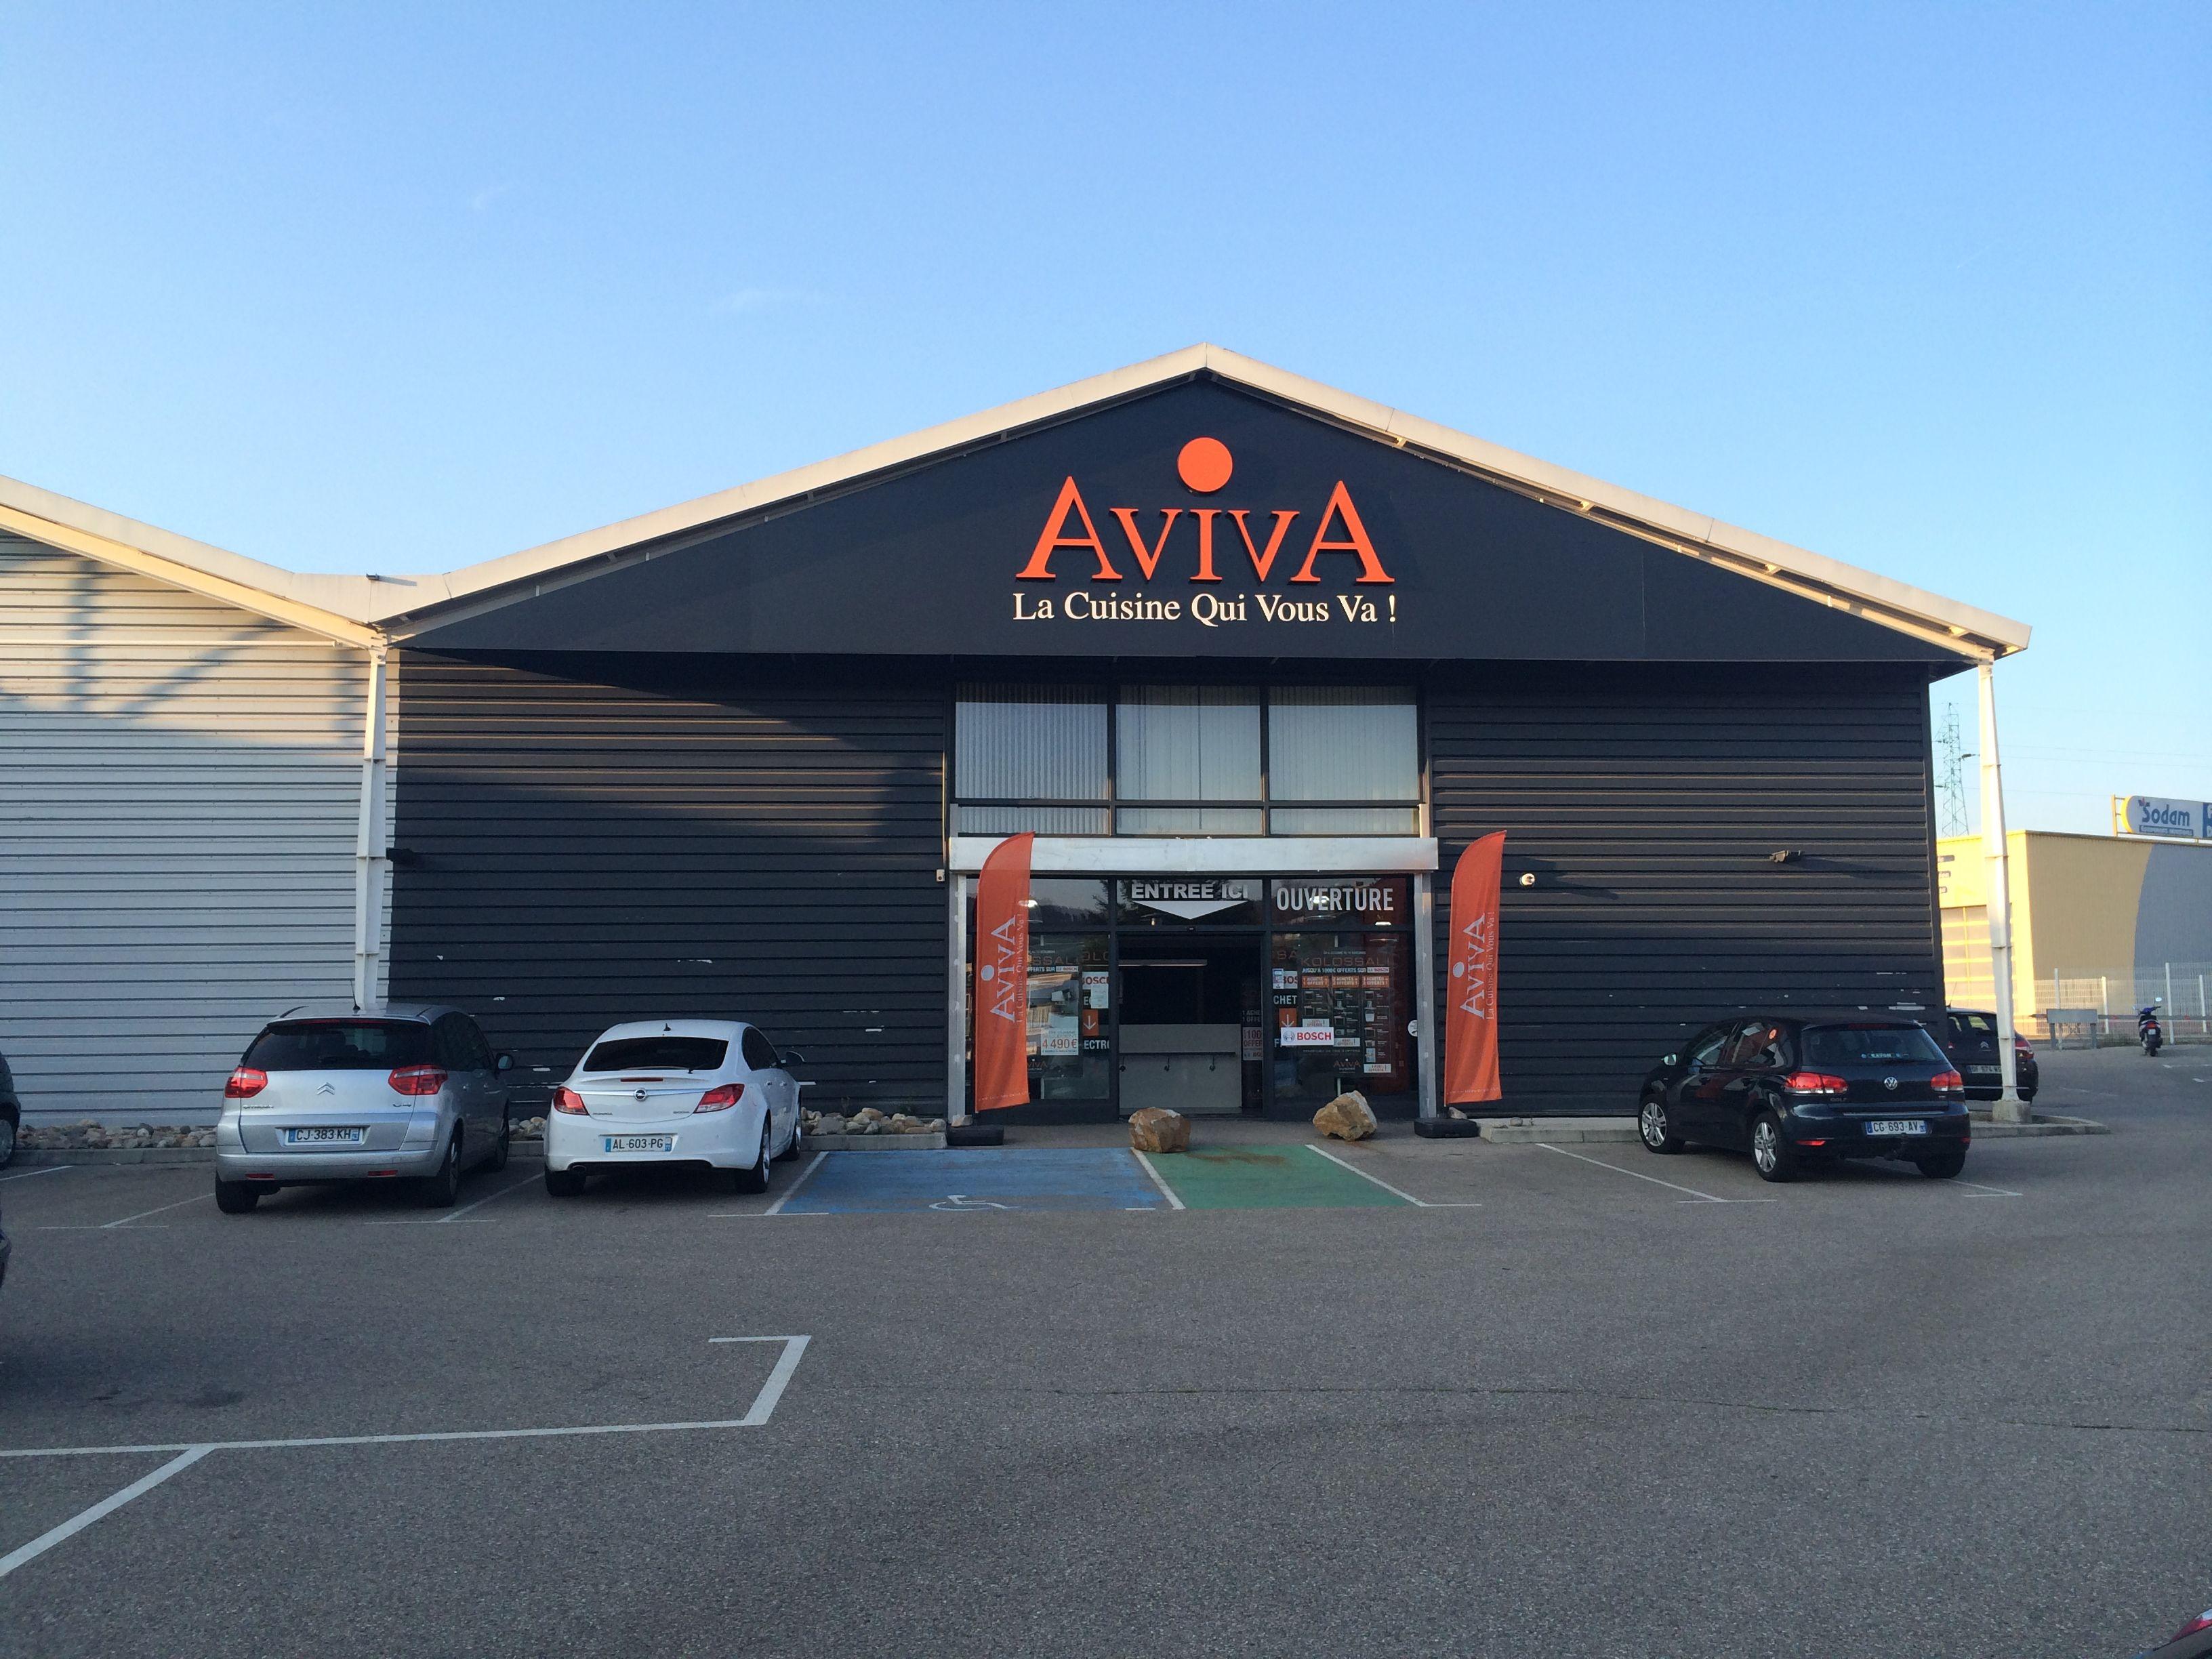 Great cuisine aviva annecy with cuisine aviva annecy - Cuisine aviva annecy ...